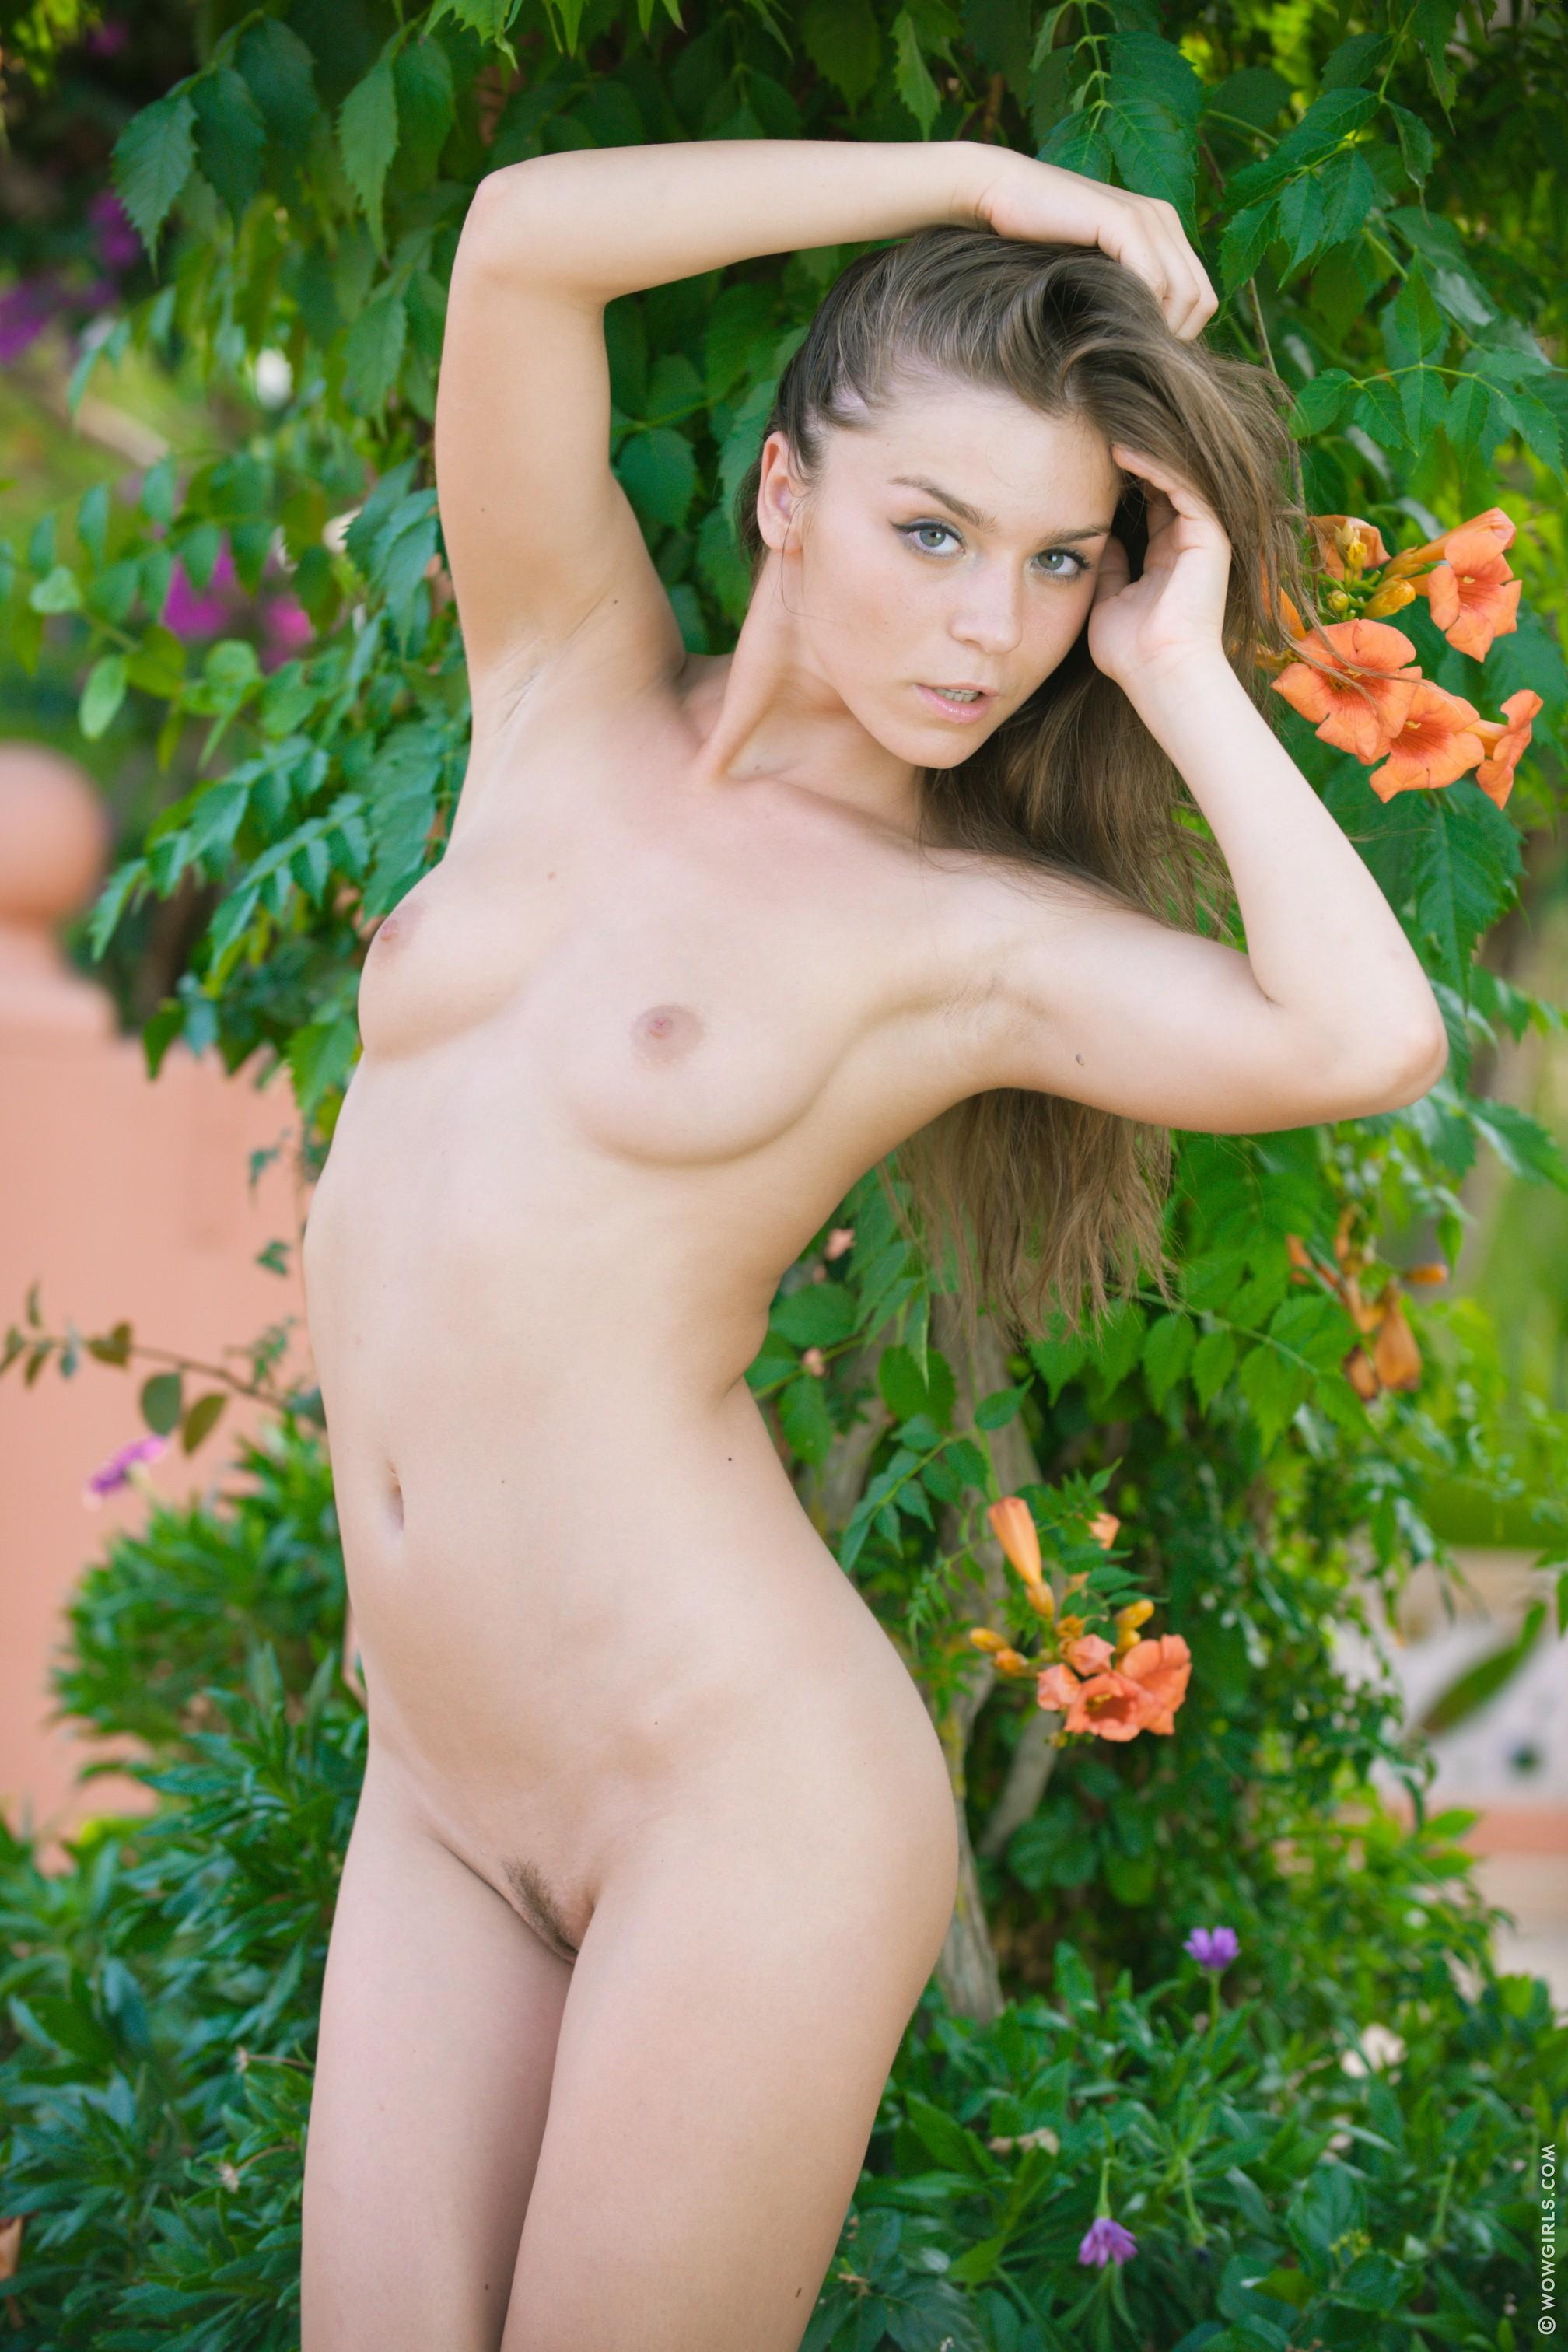 Голенькая молодая девица эротично позирует на улице - фото